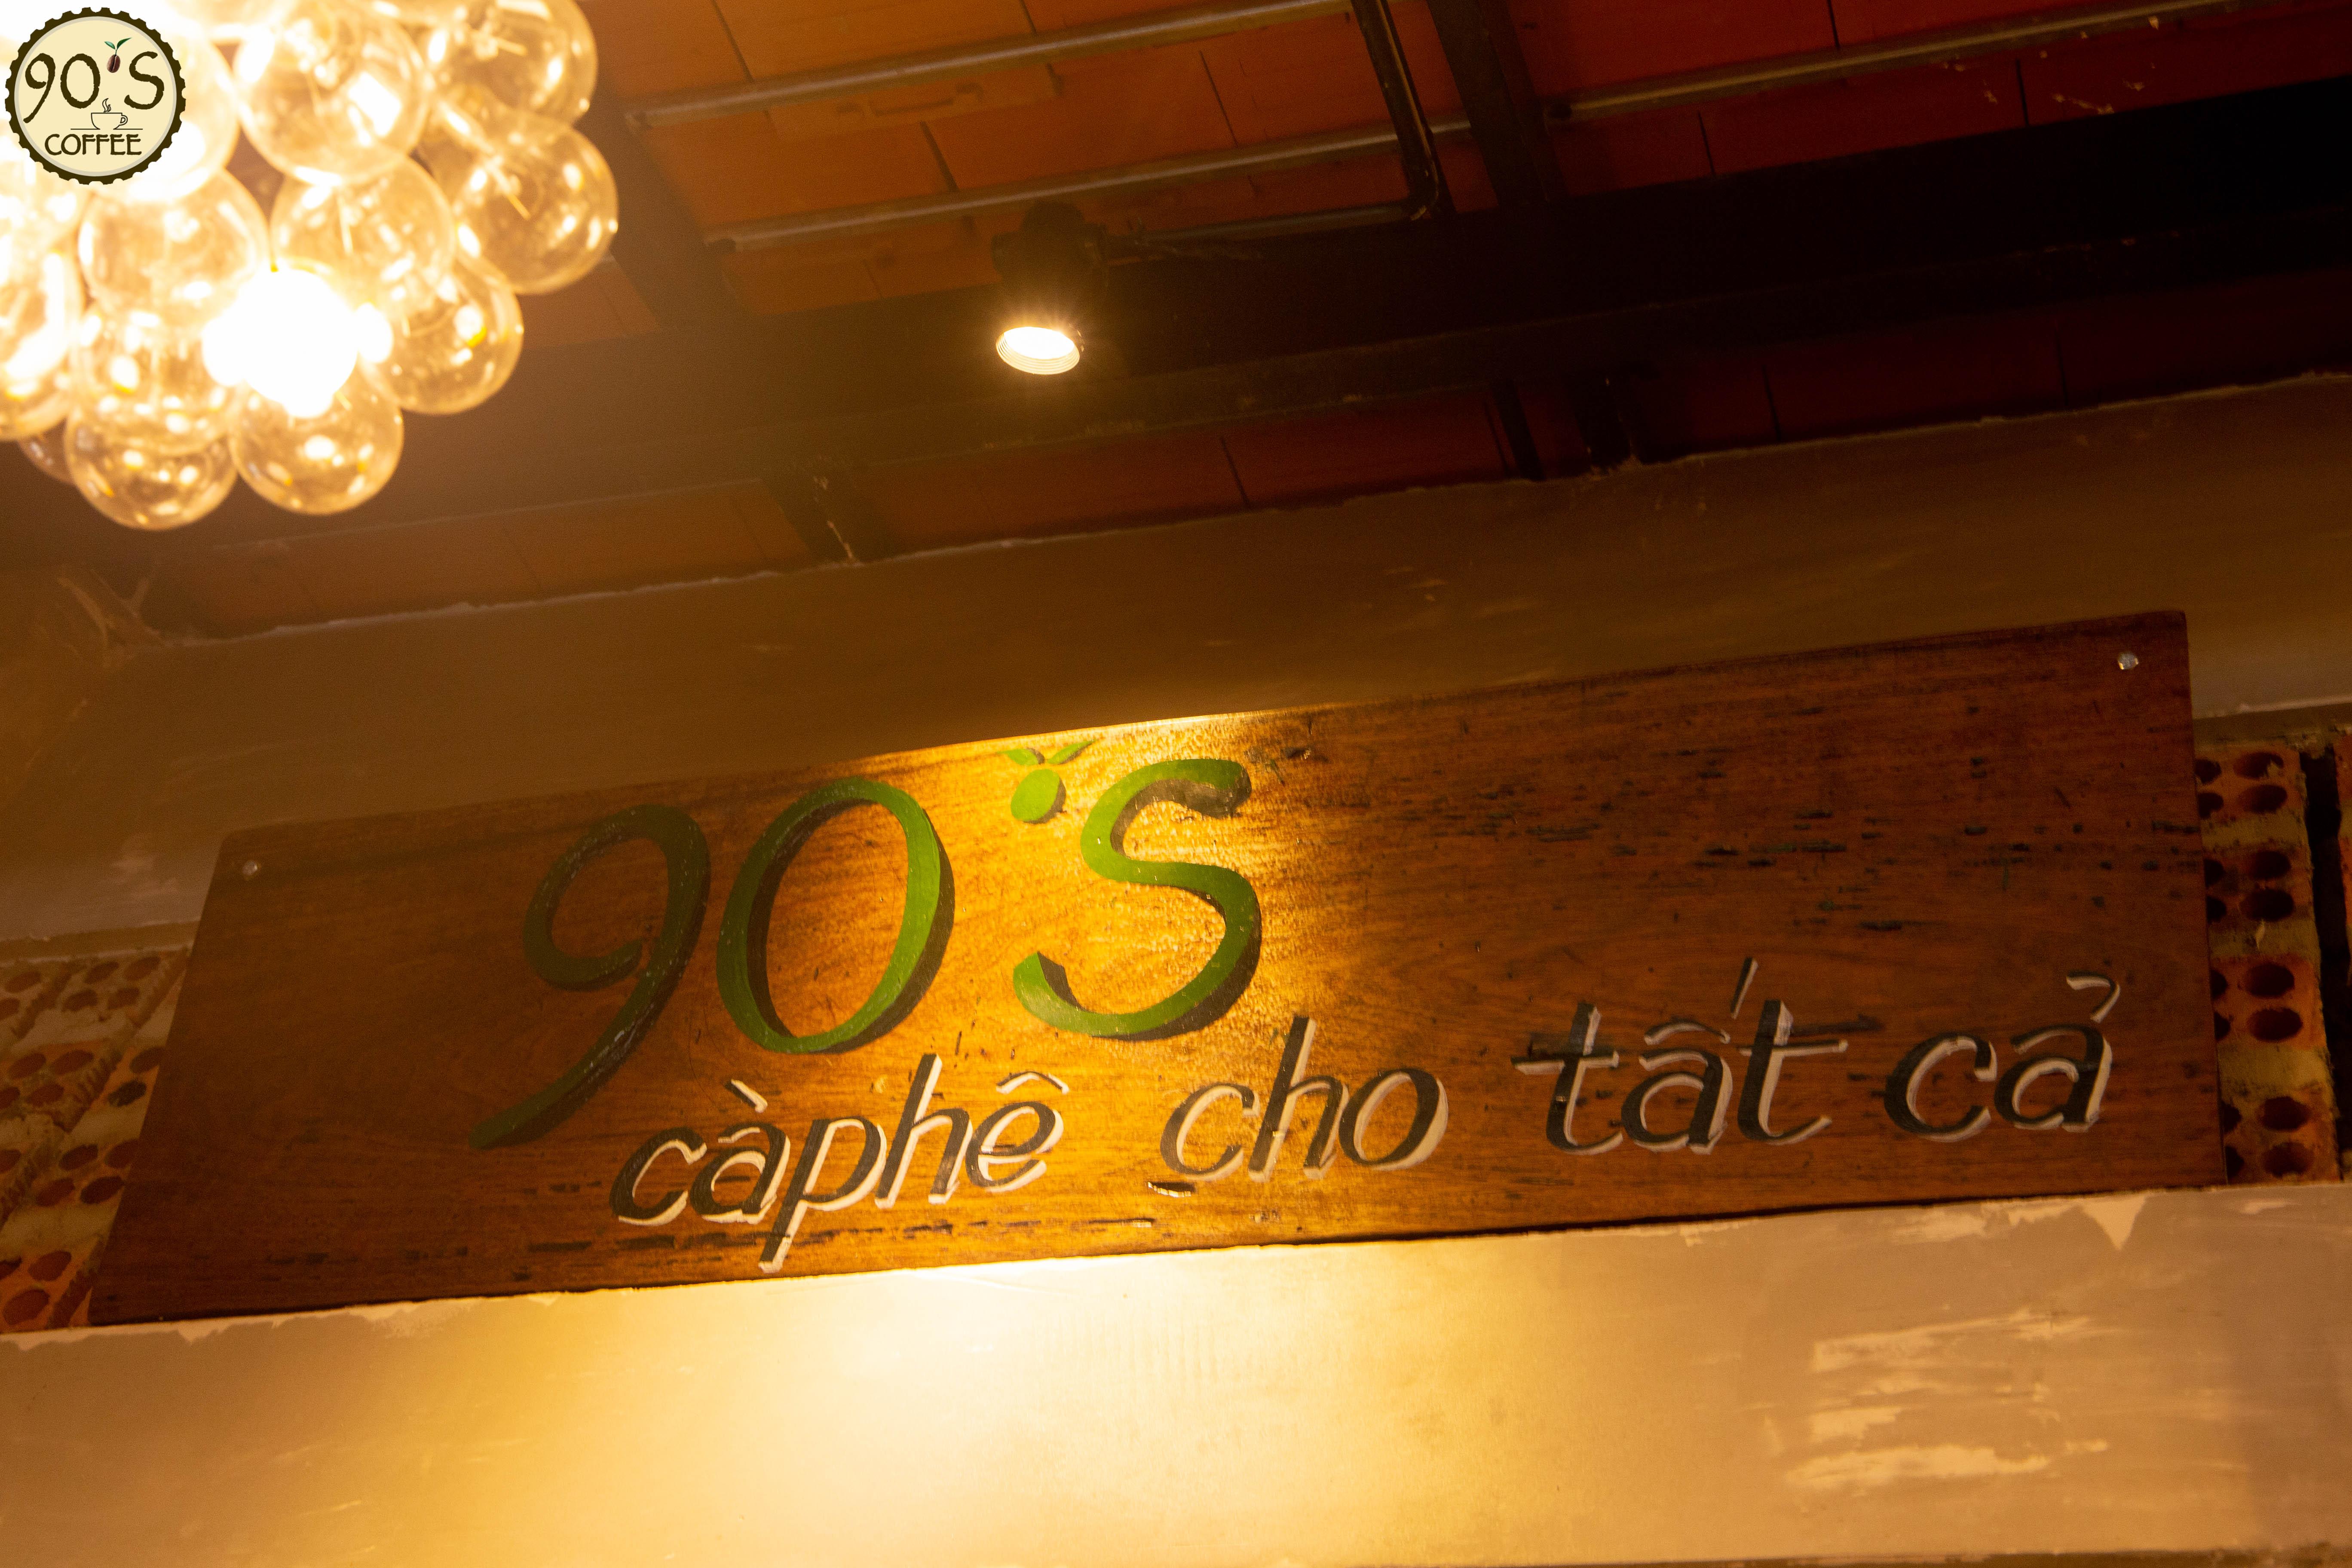 Phong cách quán cafe 90S Coffee